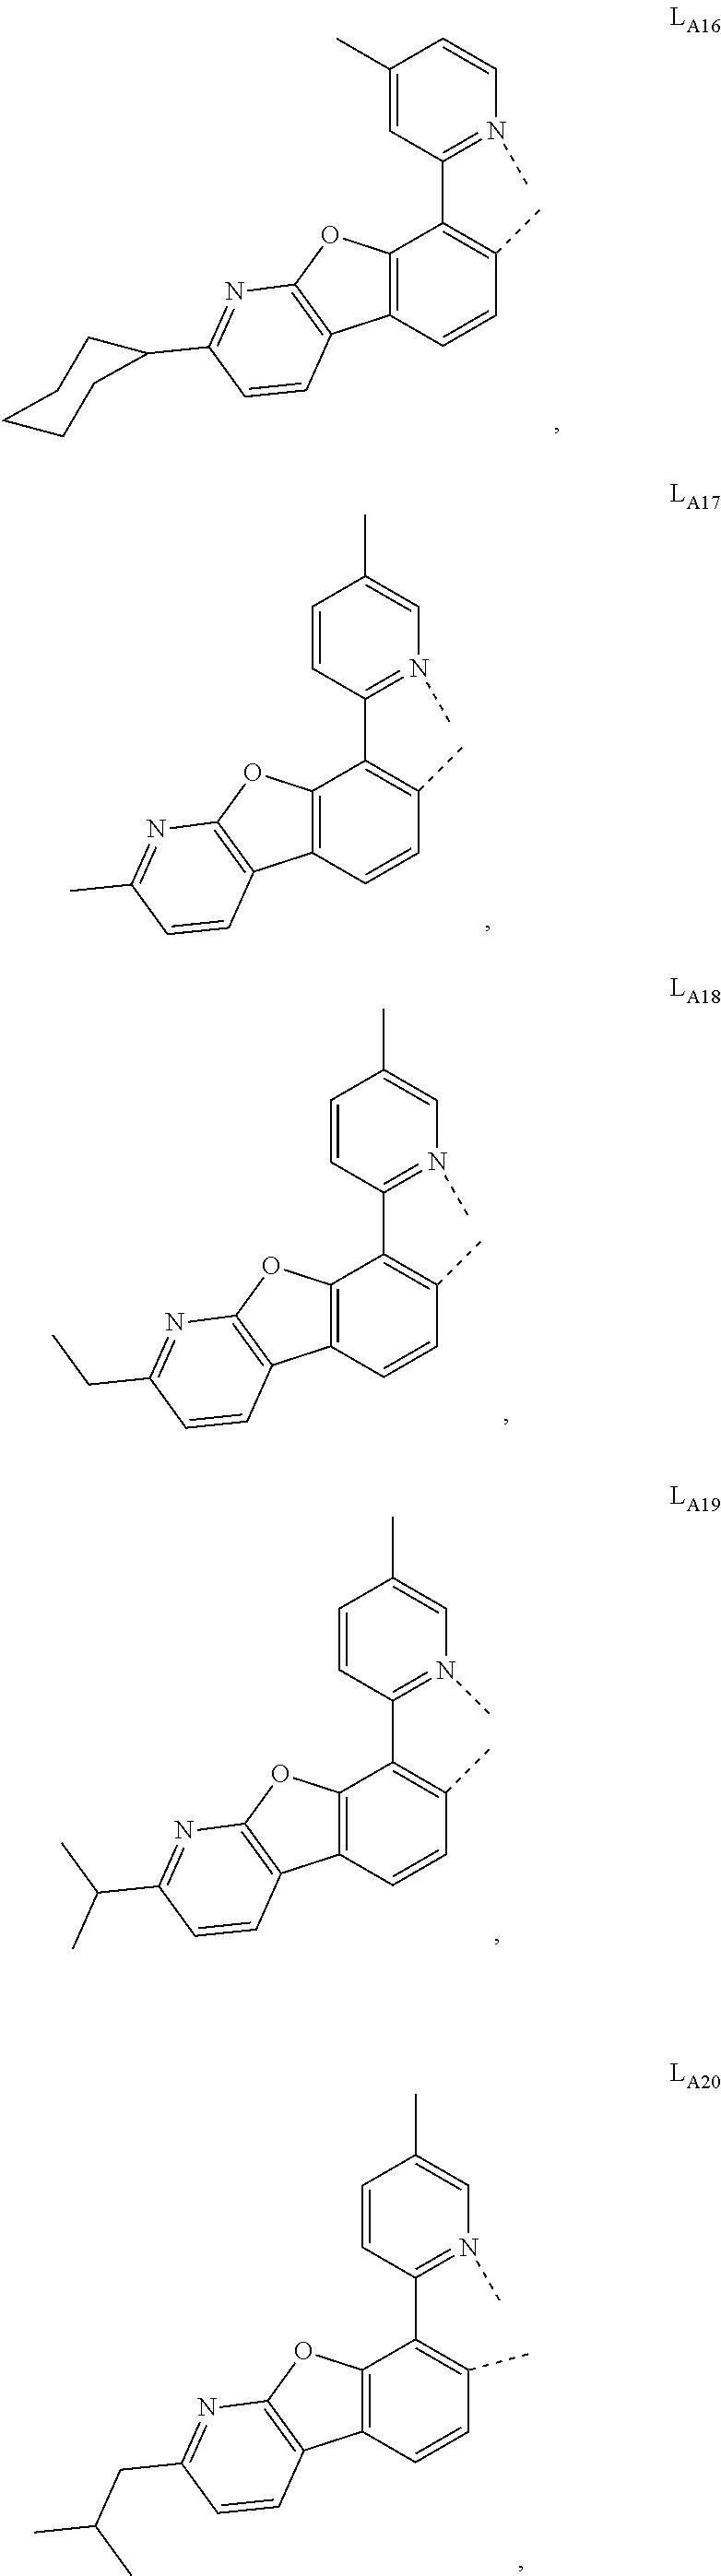 Figure US20160049599A1-20160218-C00404